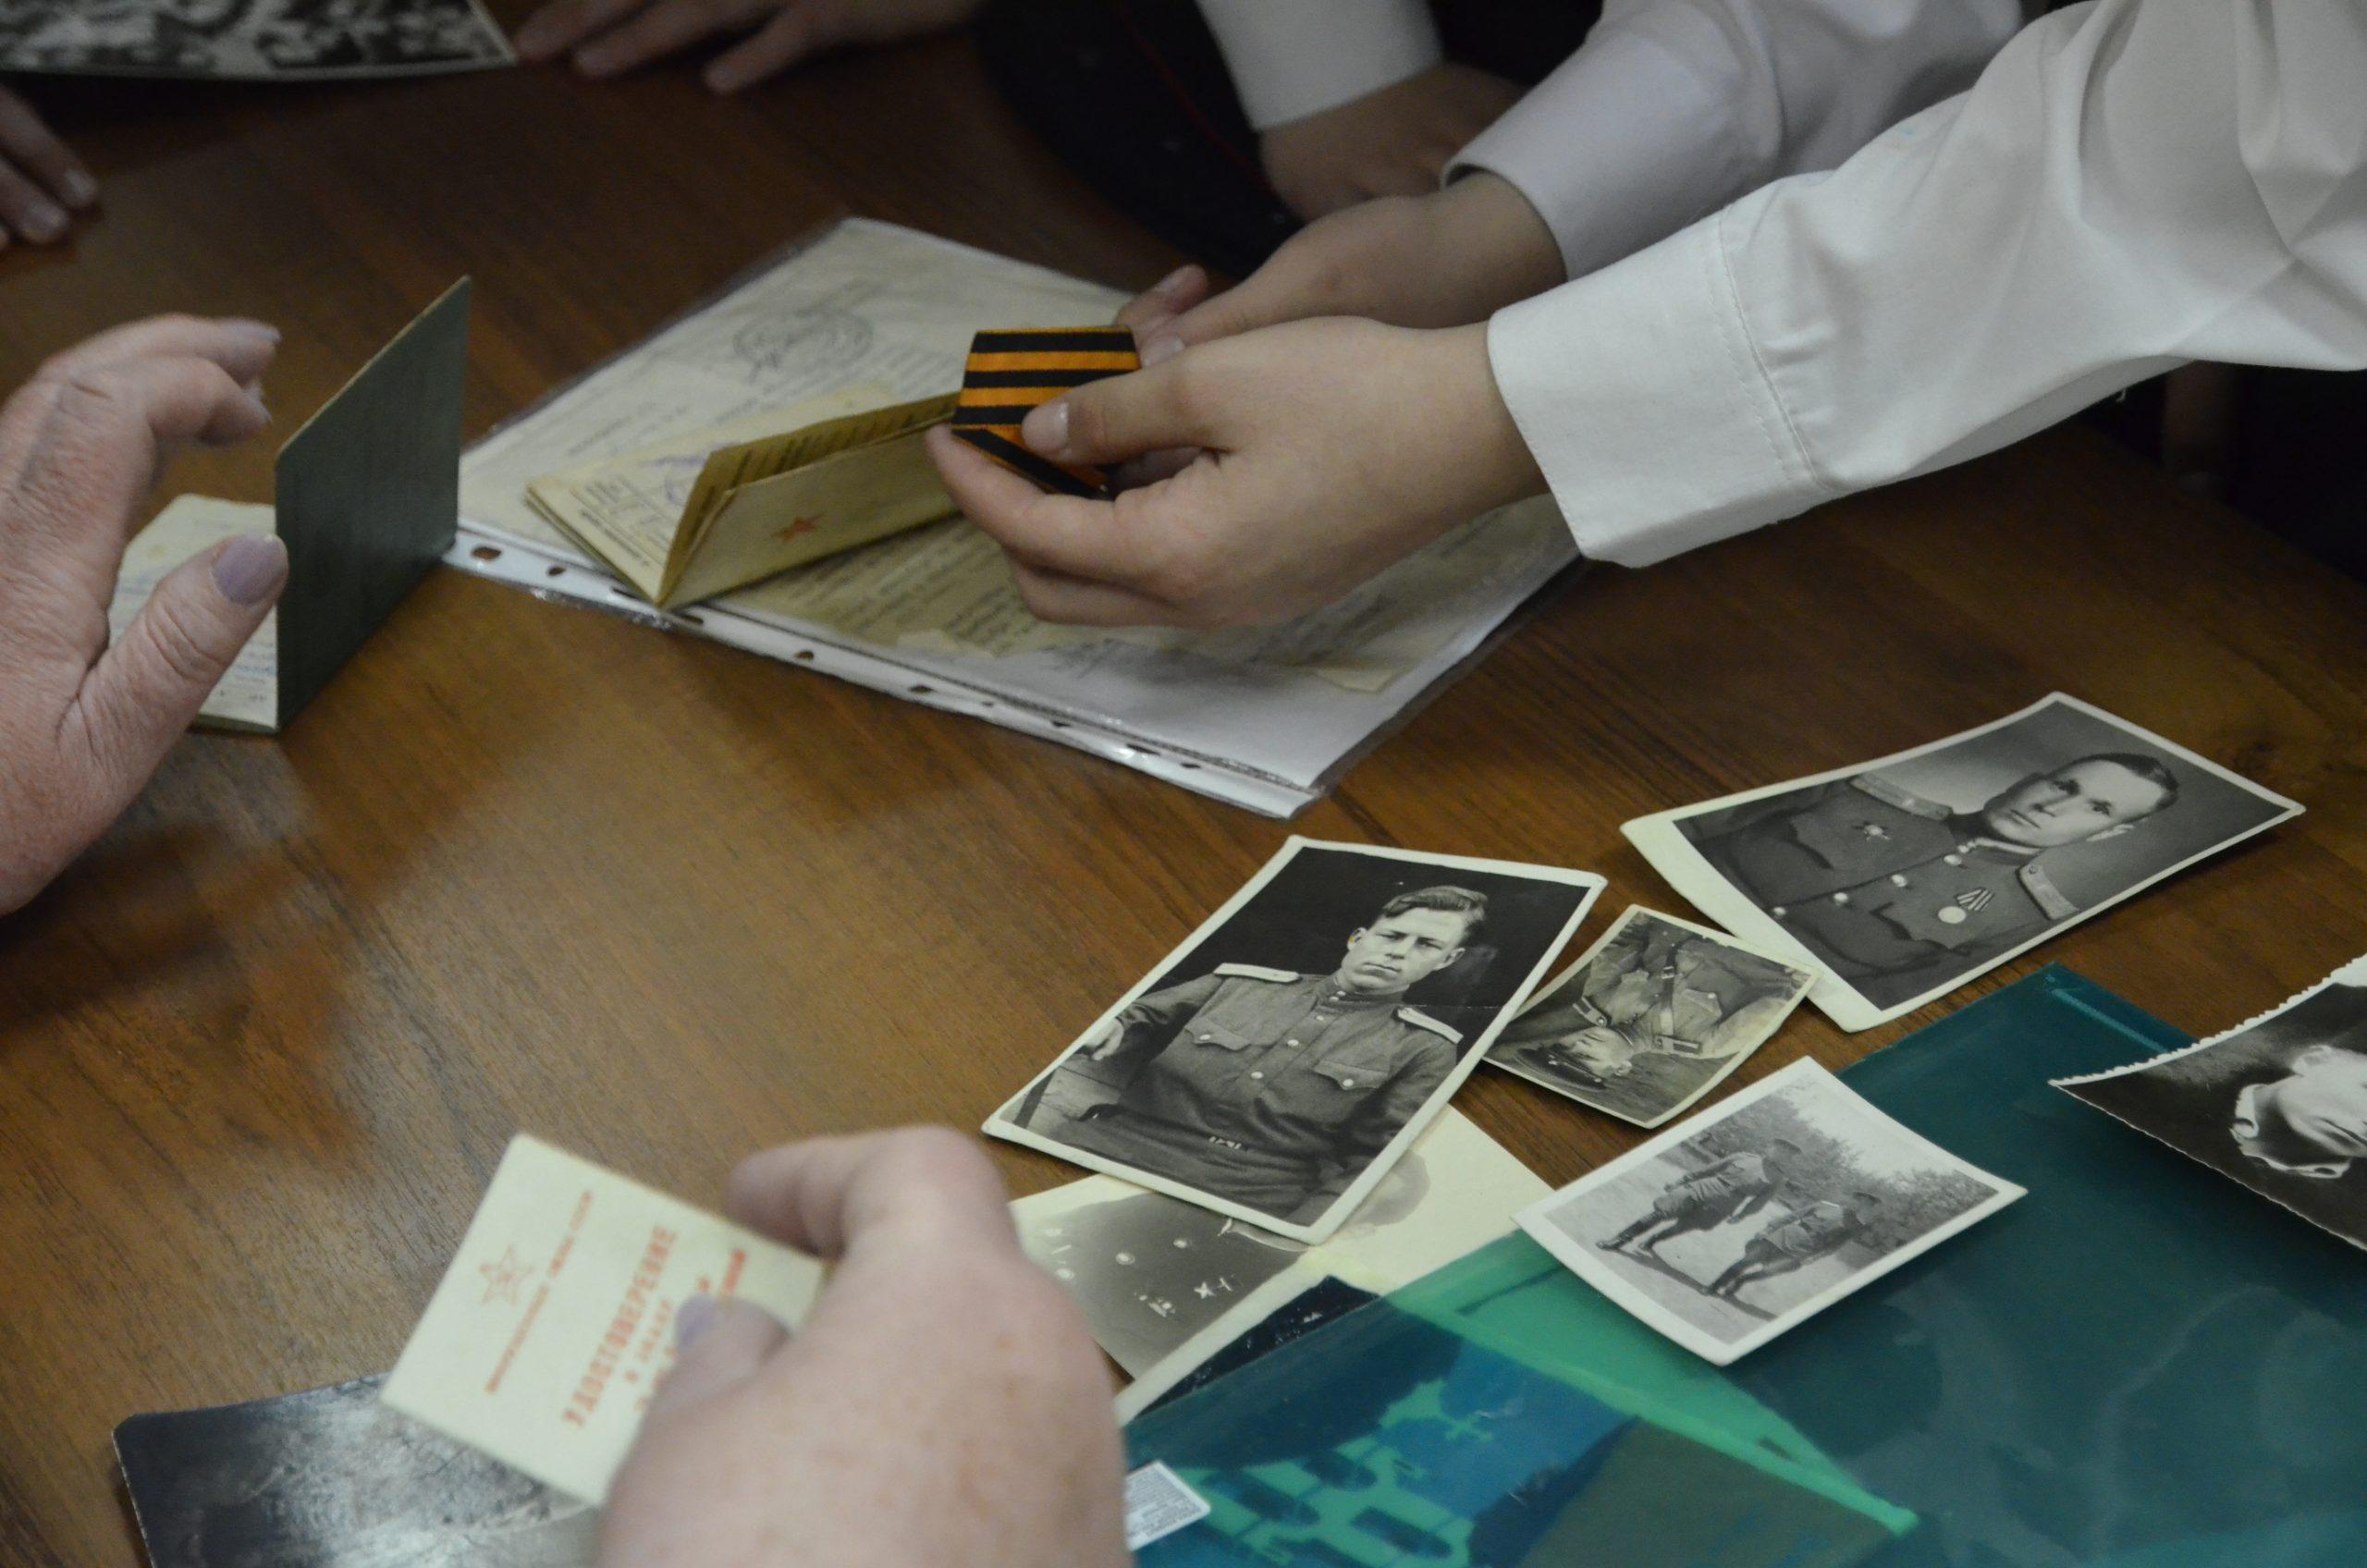 Фестиваль громкого чтения провели сотрудники библиотеки №262 в Филимонковском